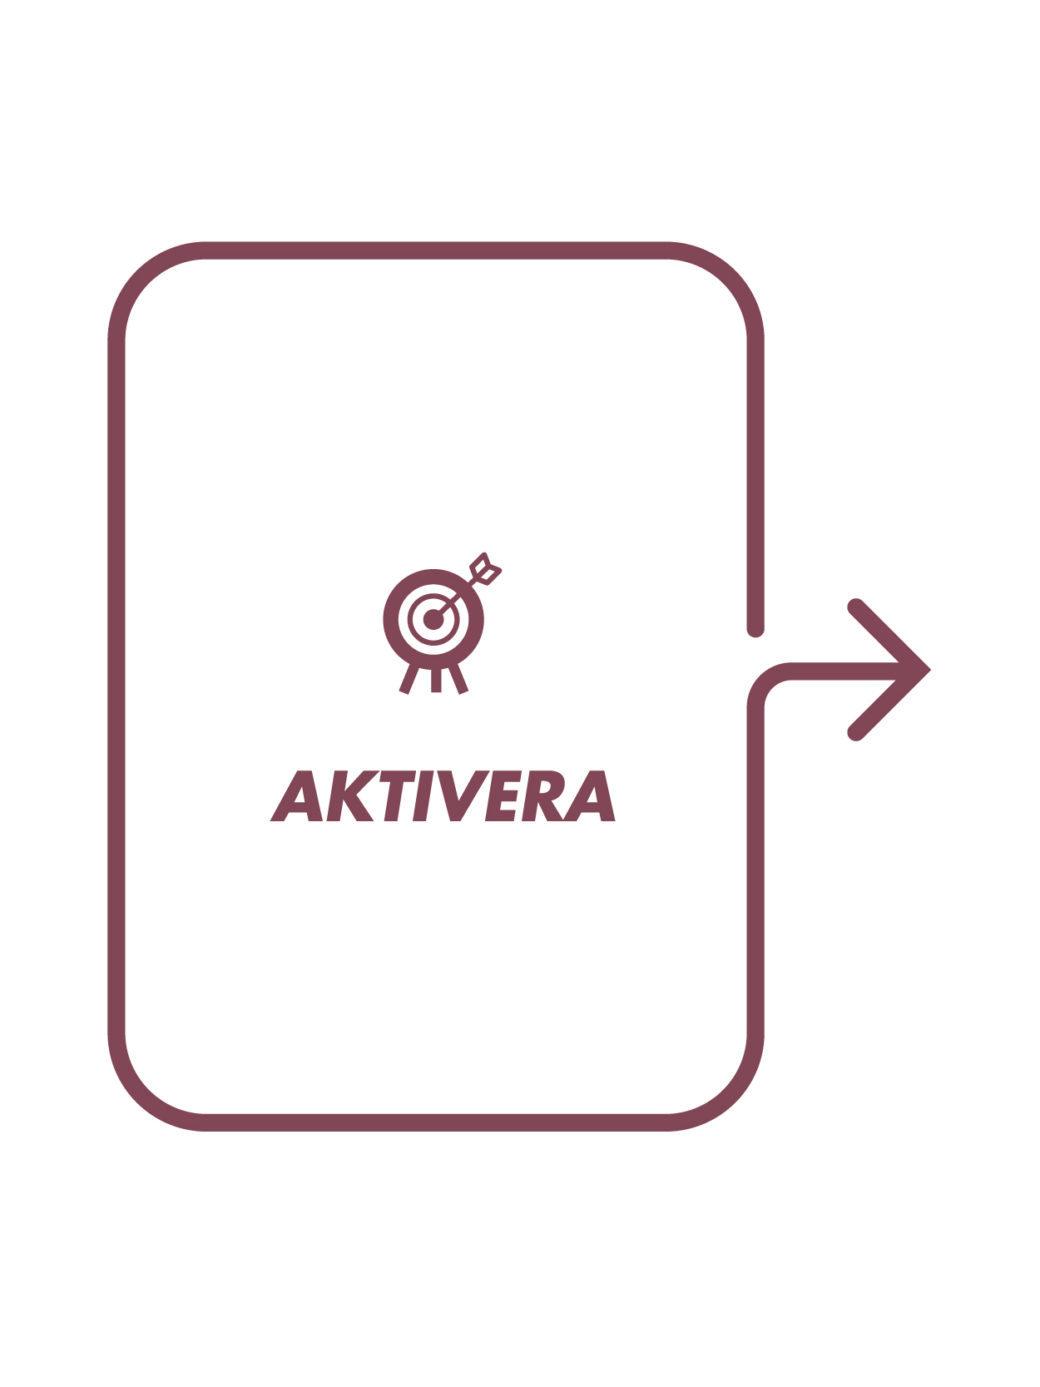 Aktivera_Rityta 1_Rityta 1